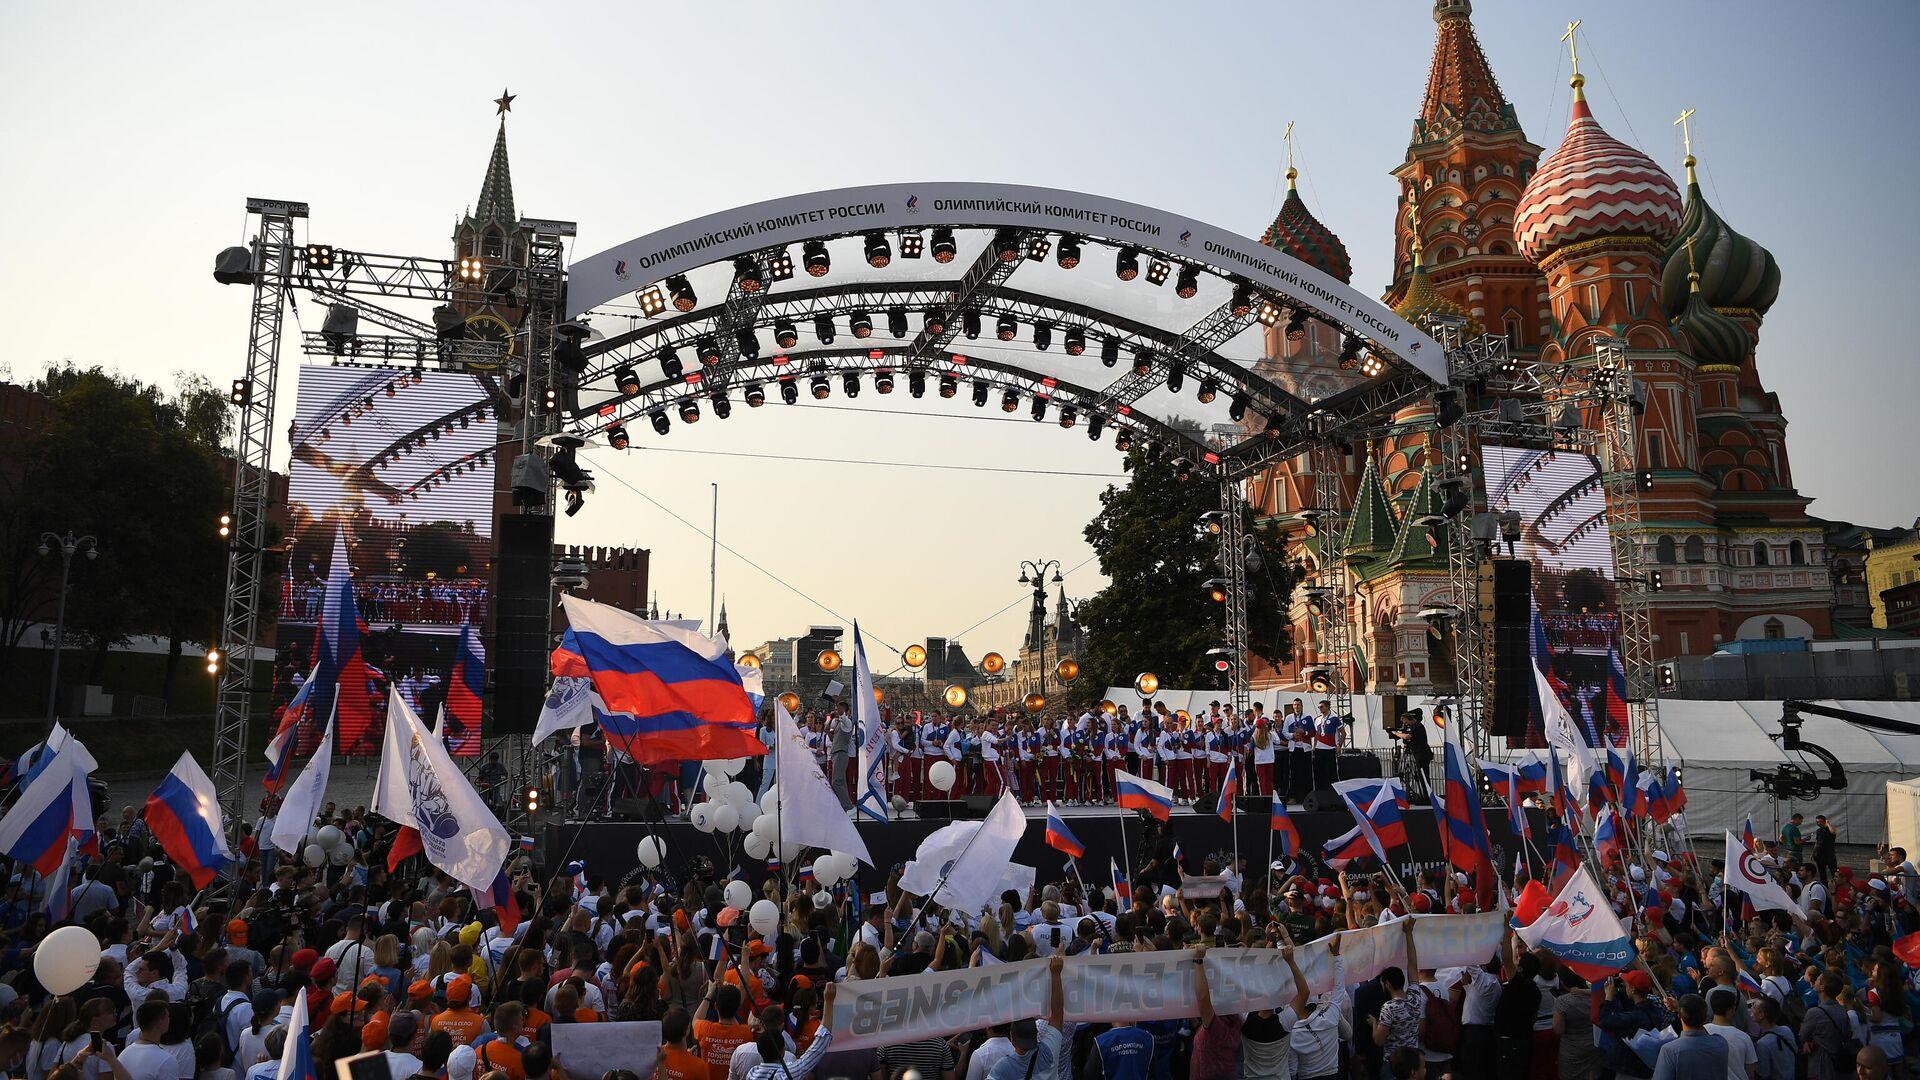 Rusya'ya dönen olimpiyat sporcuları Kızıl Meydan'da şölenle karşılandı - Sputnik Türkiye, 1920, 10.08.2021